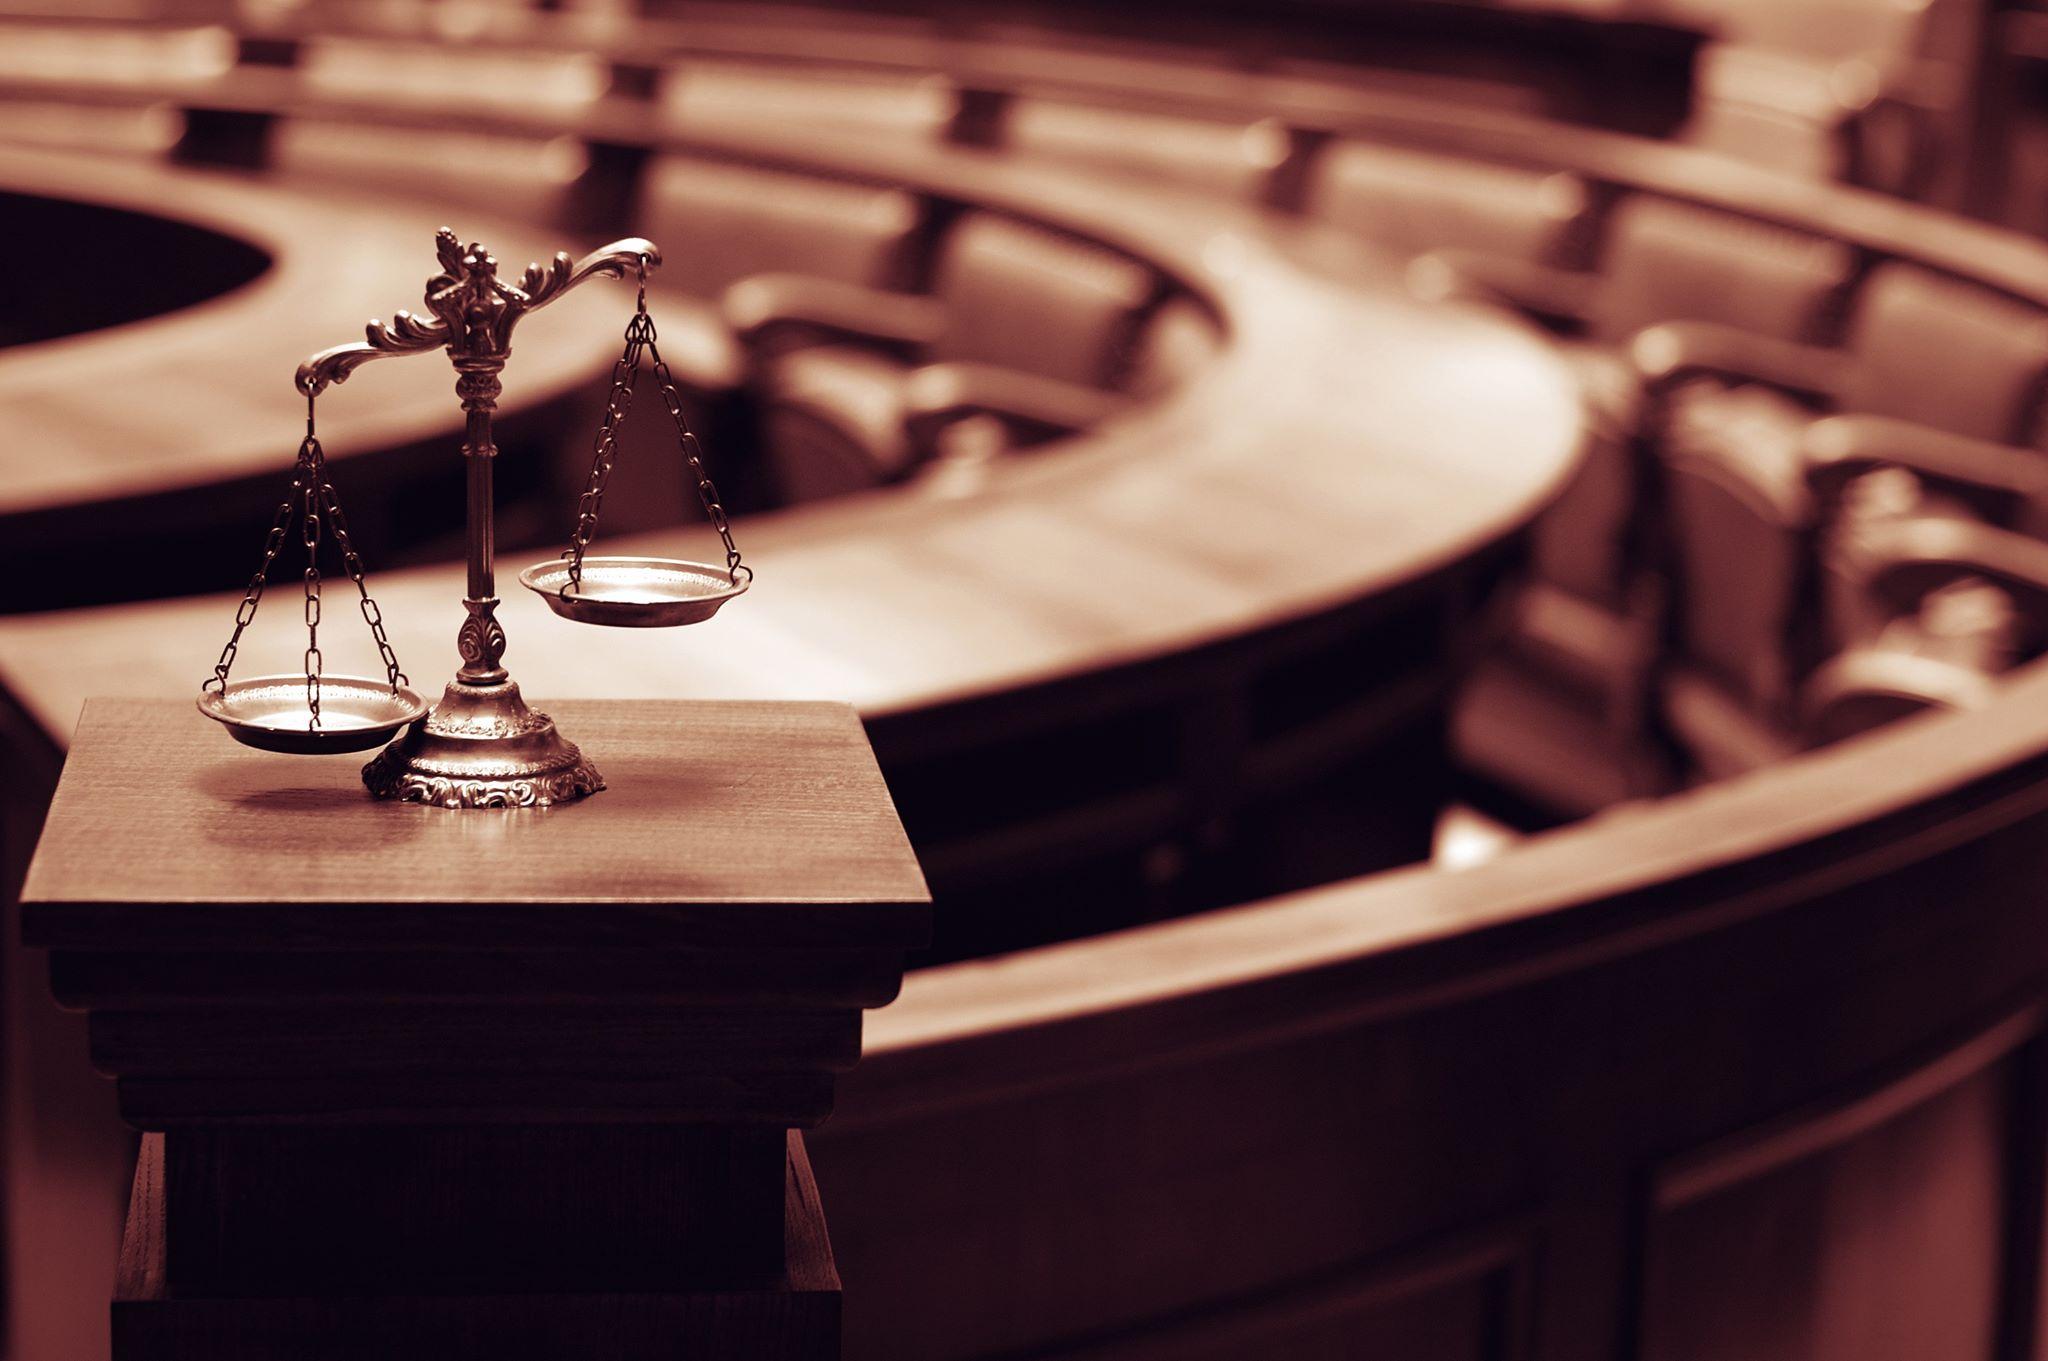 Ekonomiczny wymiar kary. O prawie i prawach